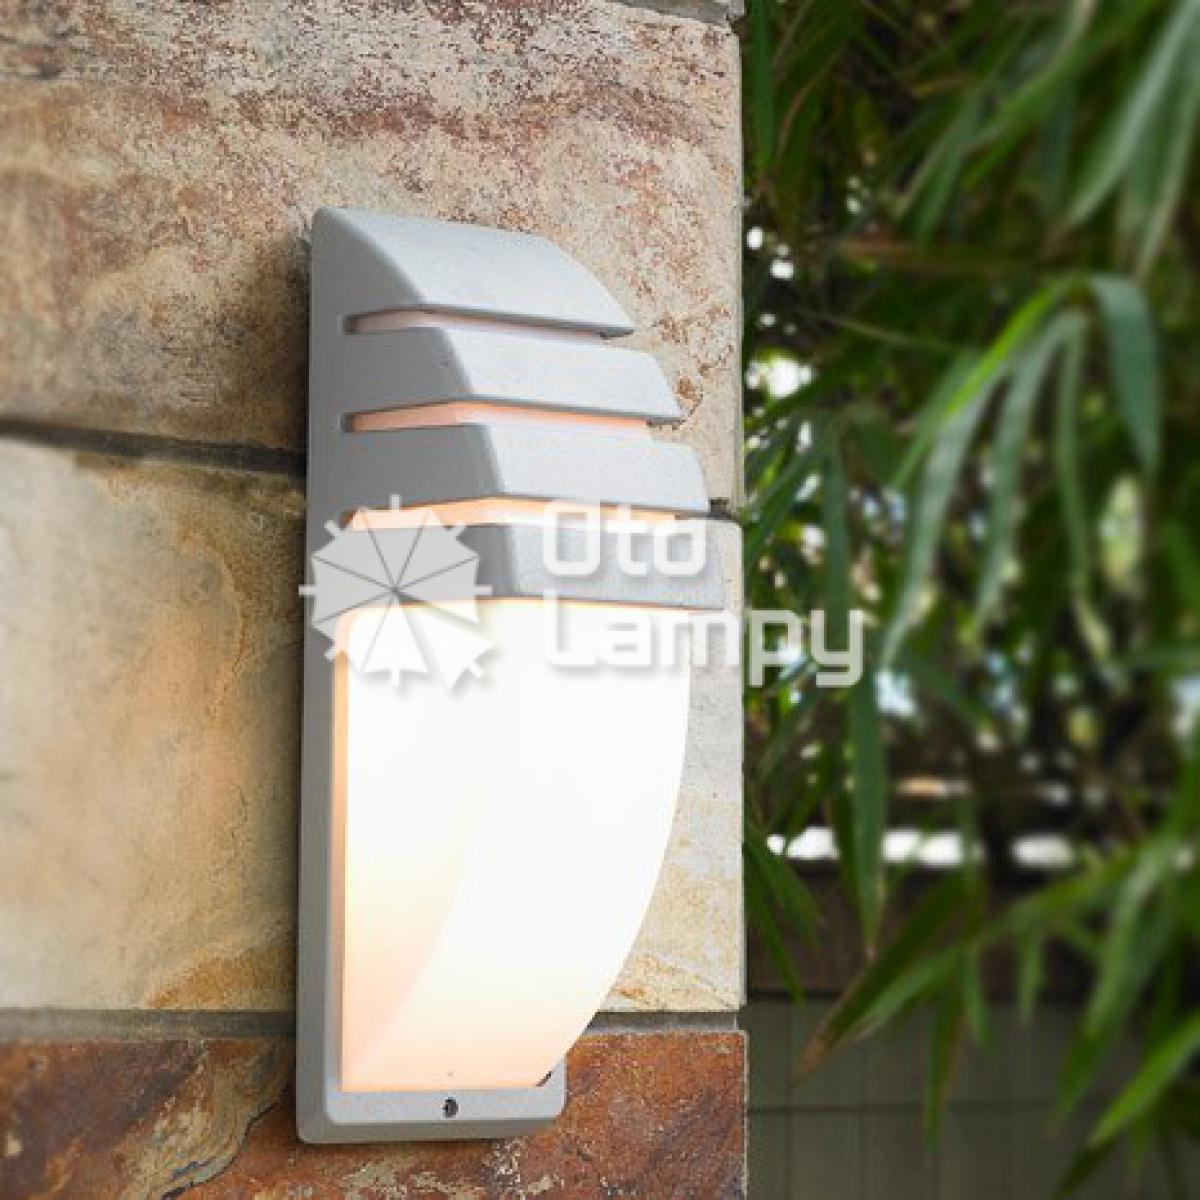 LEDy, lampy ogrodowe stojące, Reflektorki, reflektory ogrodowe, oprawy nastawne, oprawy punktowe typu oczko